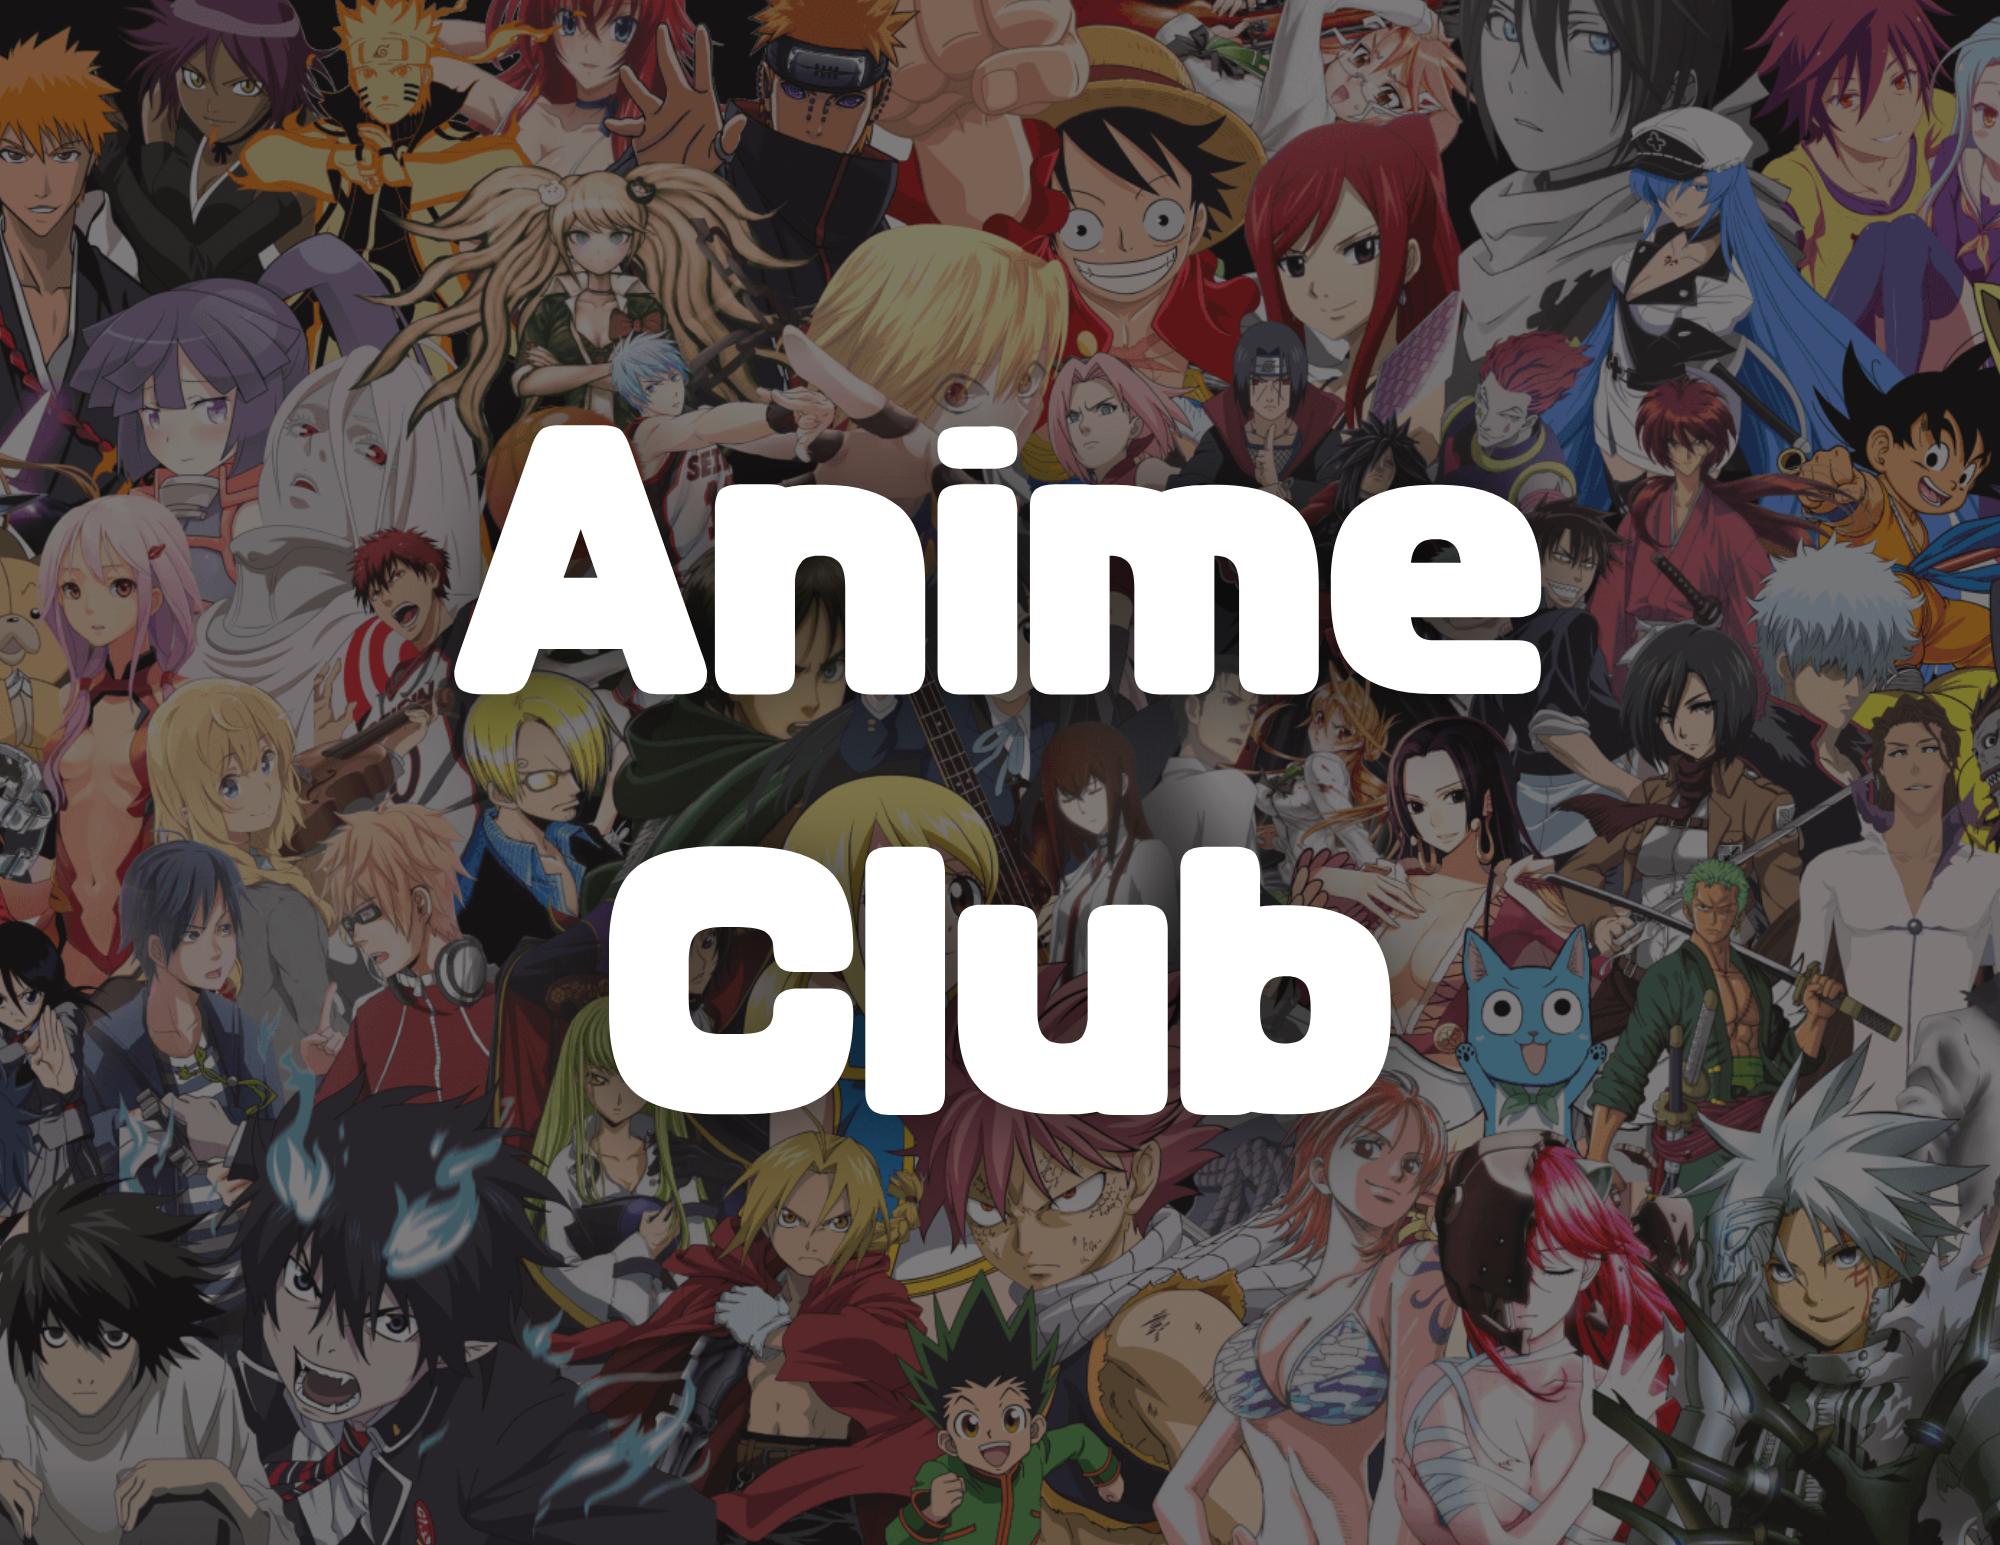 Teen Tuesday - Anime Club